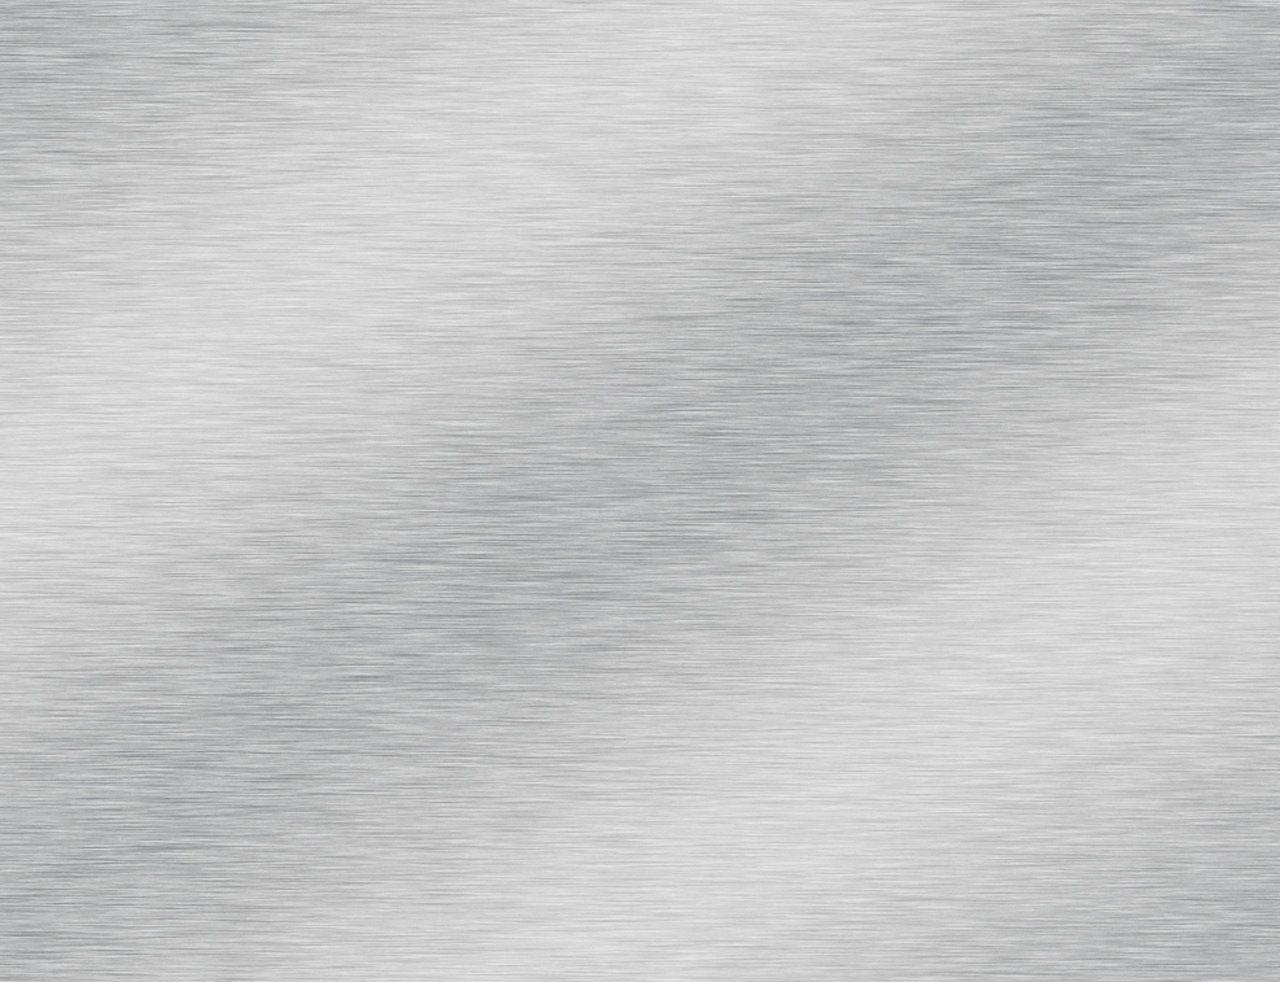 Download Metal Texture Nuw Deviantart Free Wallpaper 1280x982 Live Wallpapers Metal Texture Textured Wallpaper